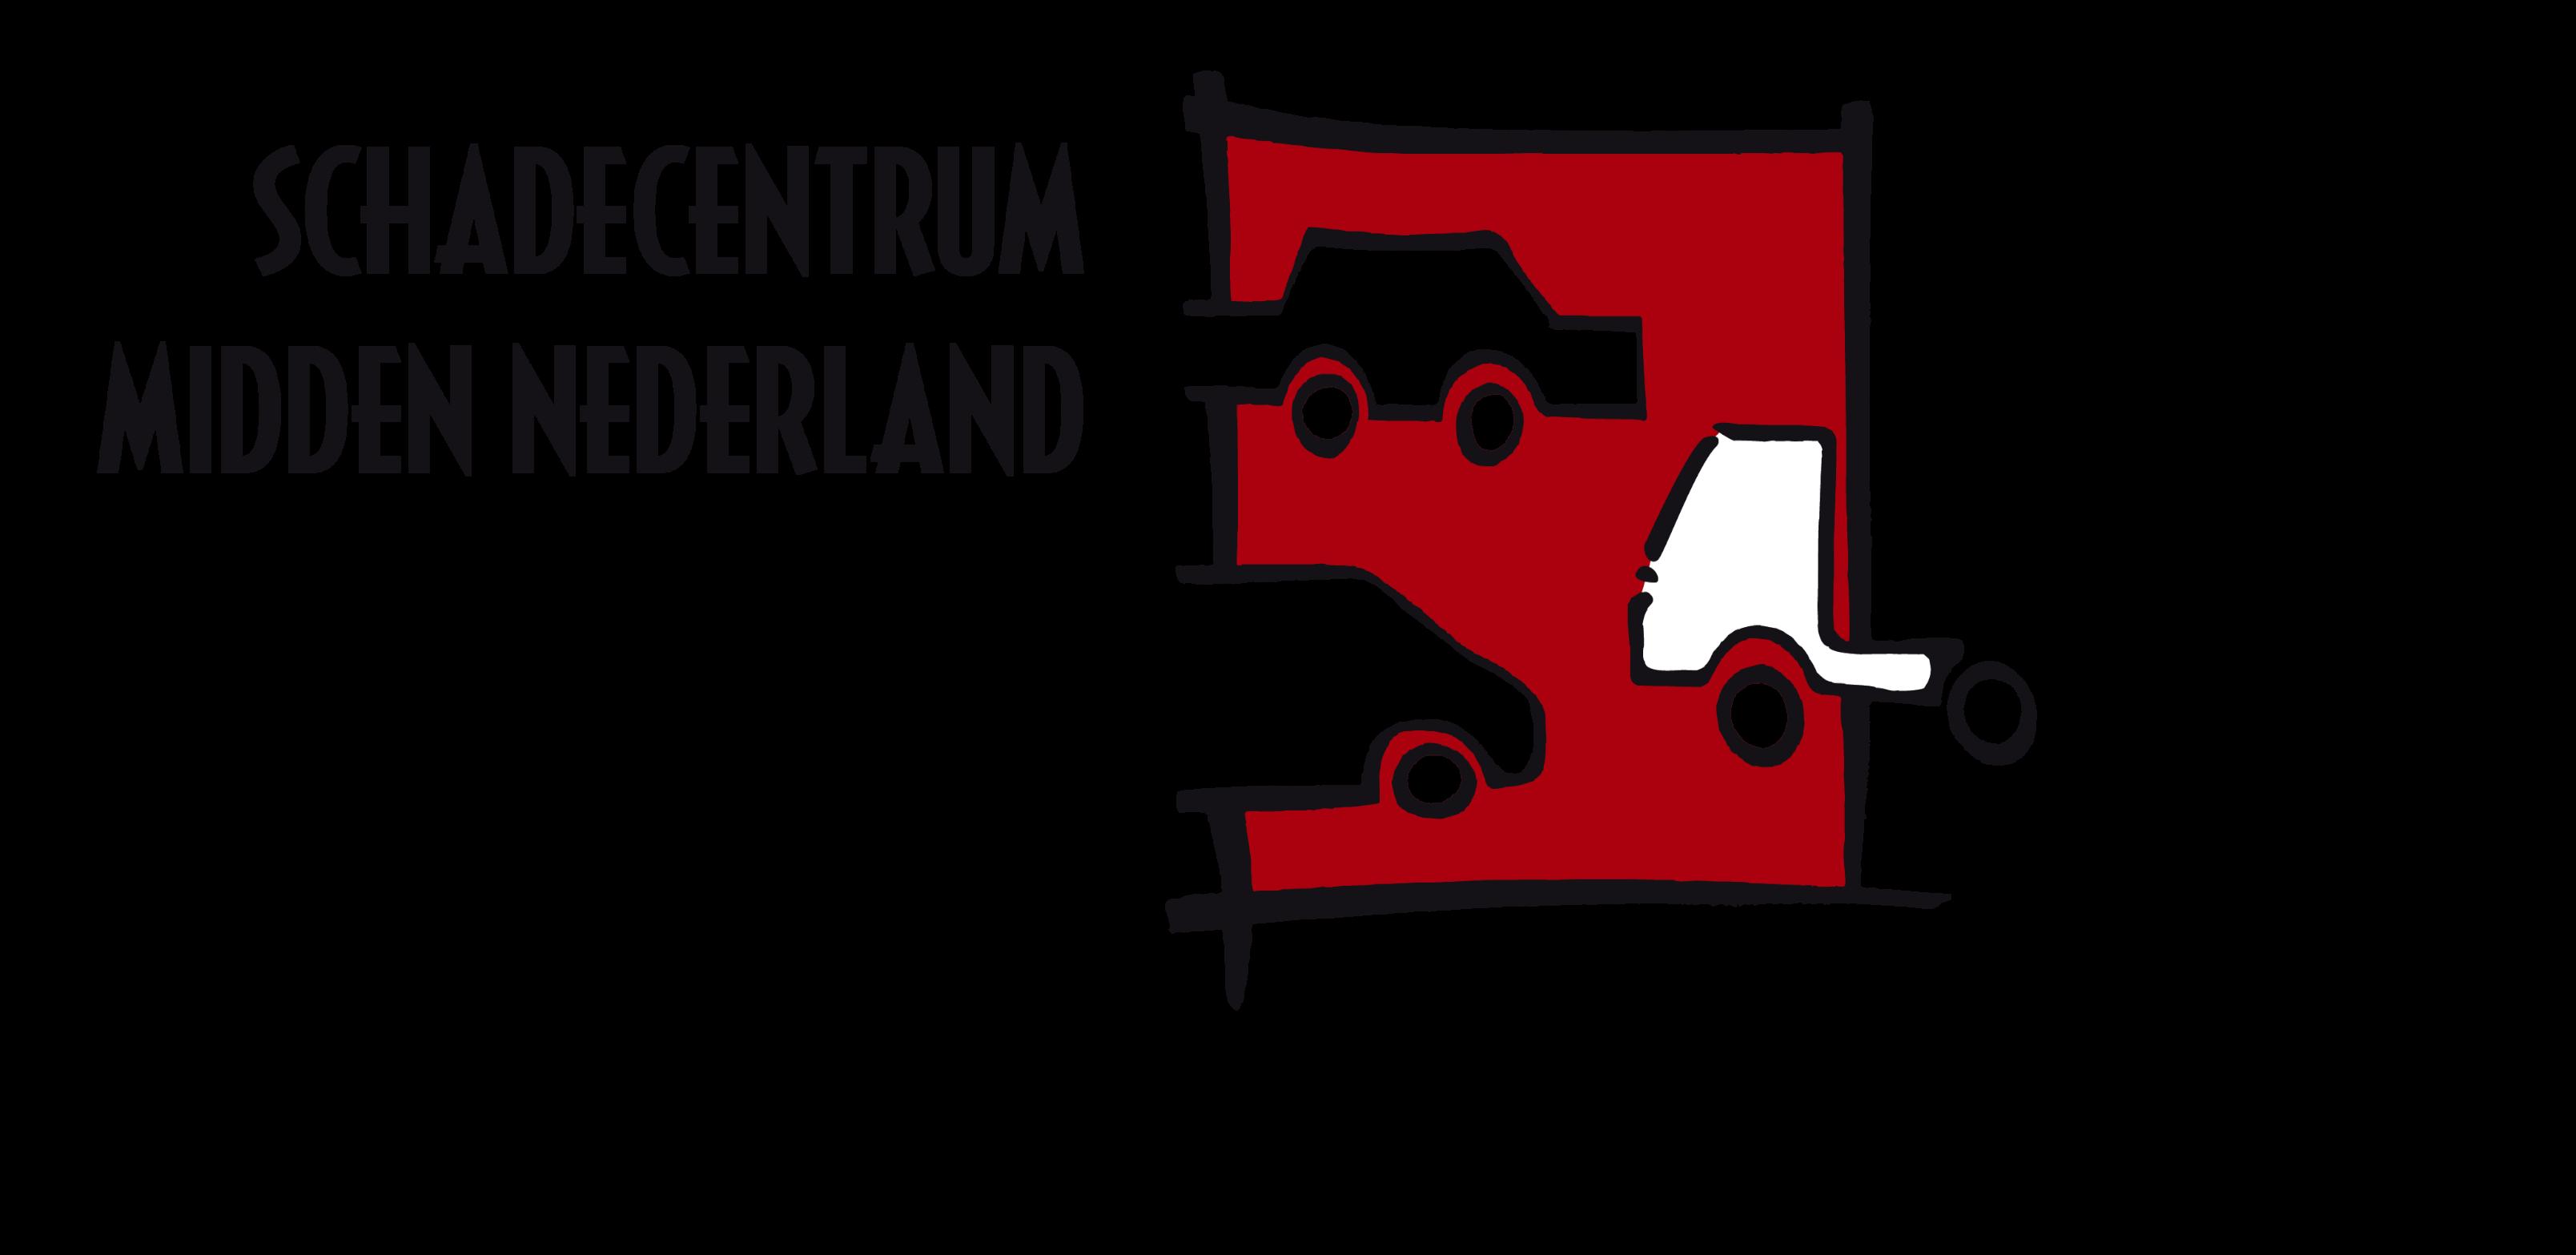 Schadecentrum Midden Nederland